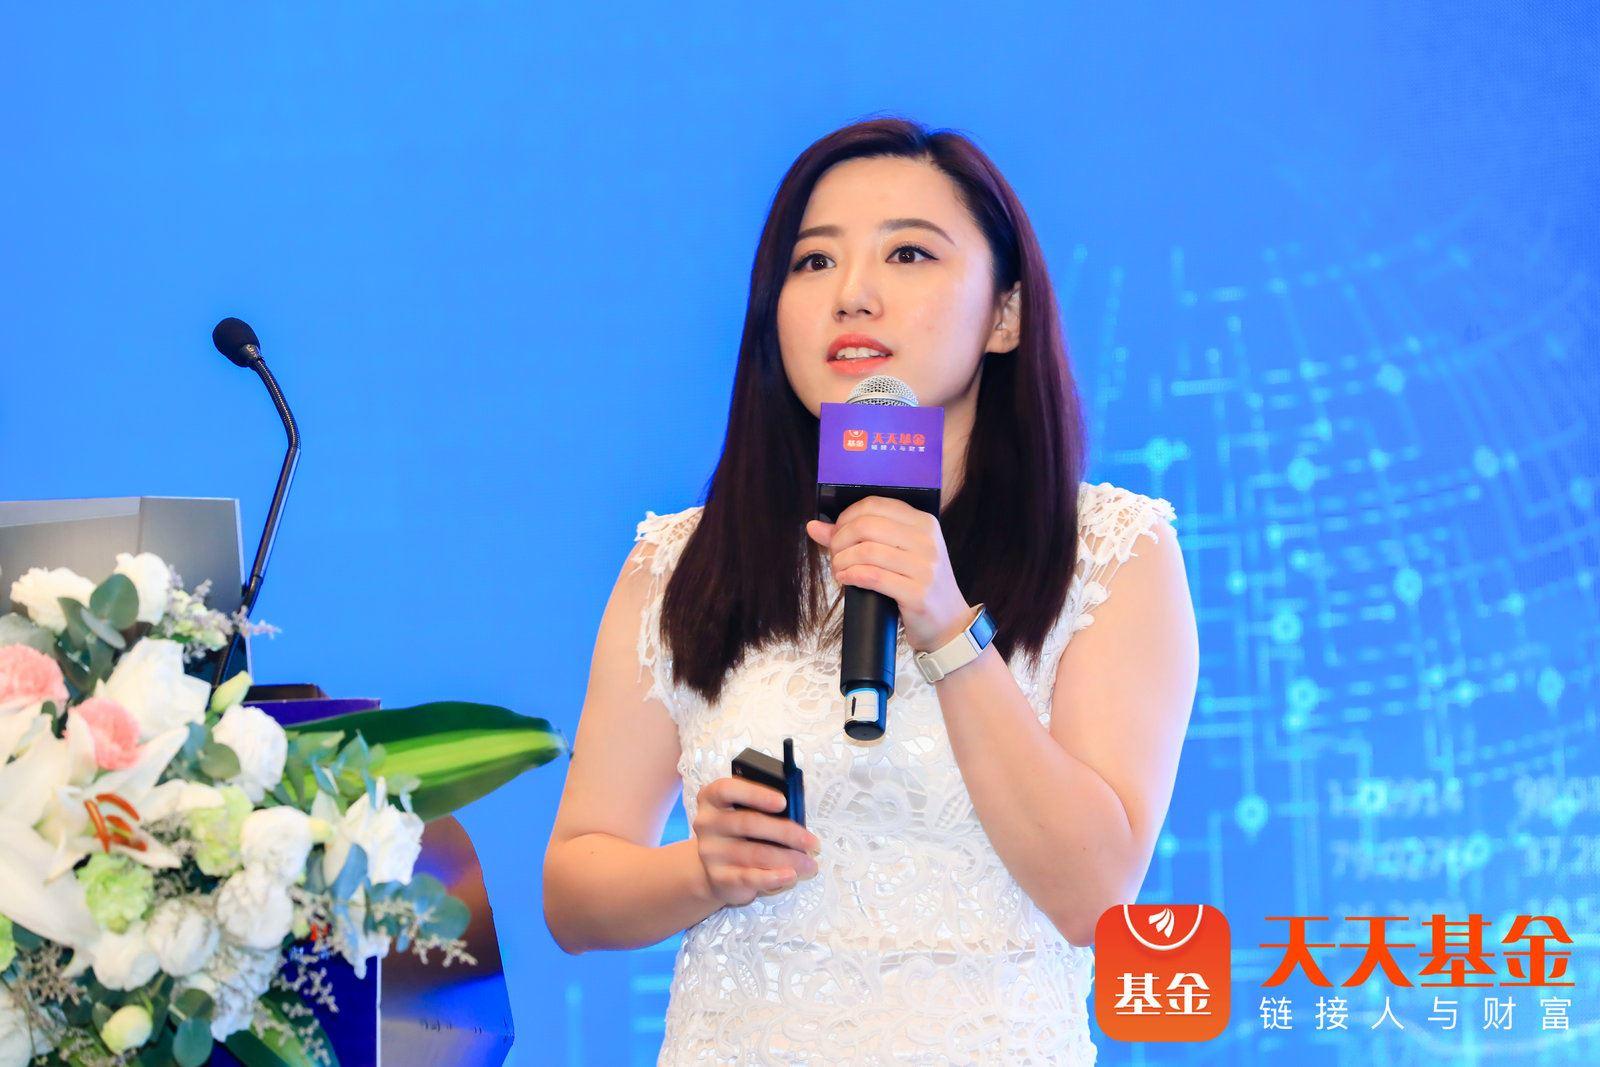 申万菱信基金经理龚丽丽:如何通过指数基金投资A股核心资产